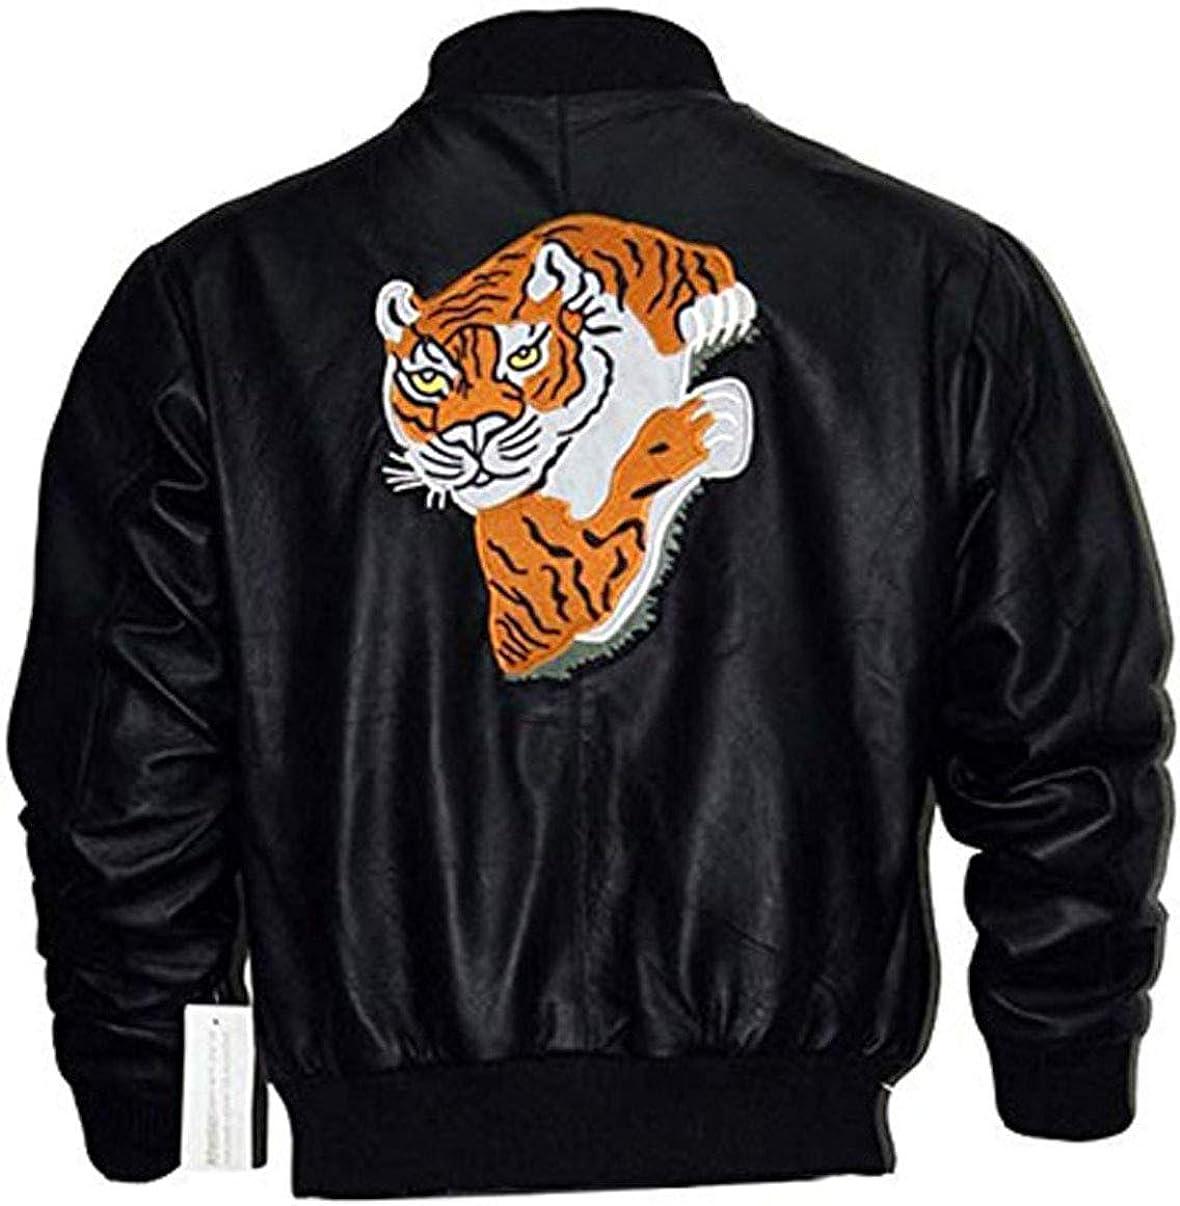 Rocky II Balboa Sylvester Stallone Tiger